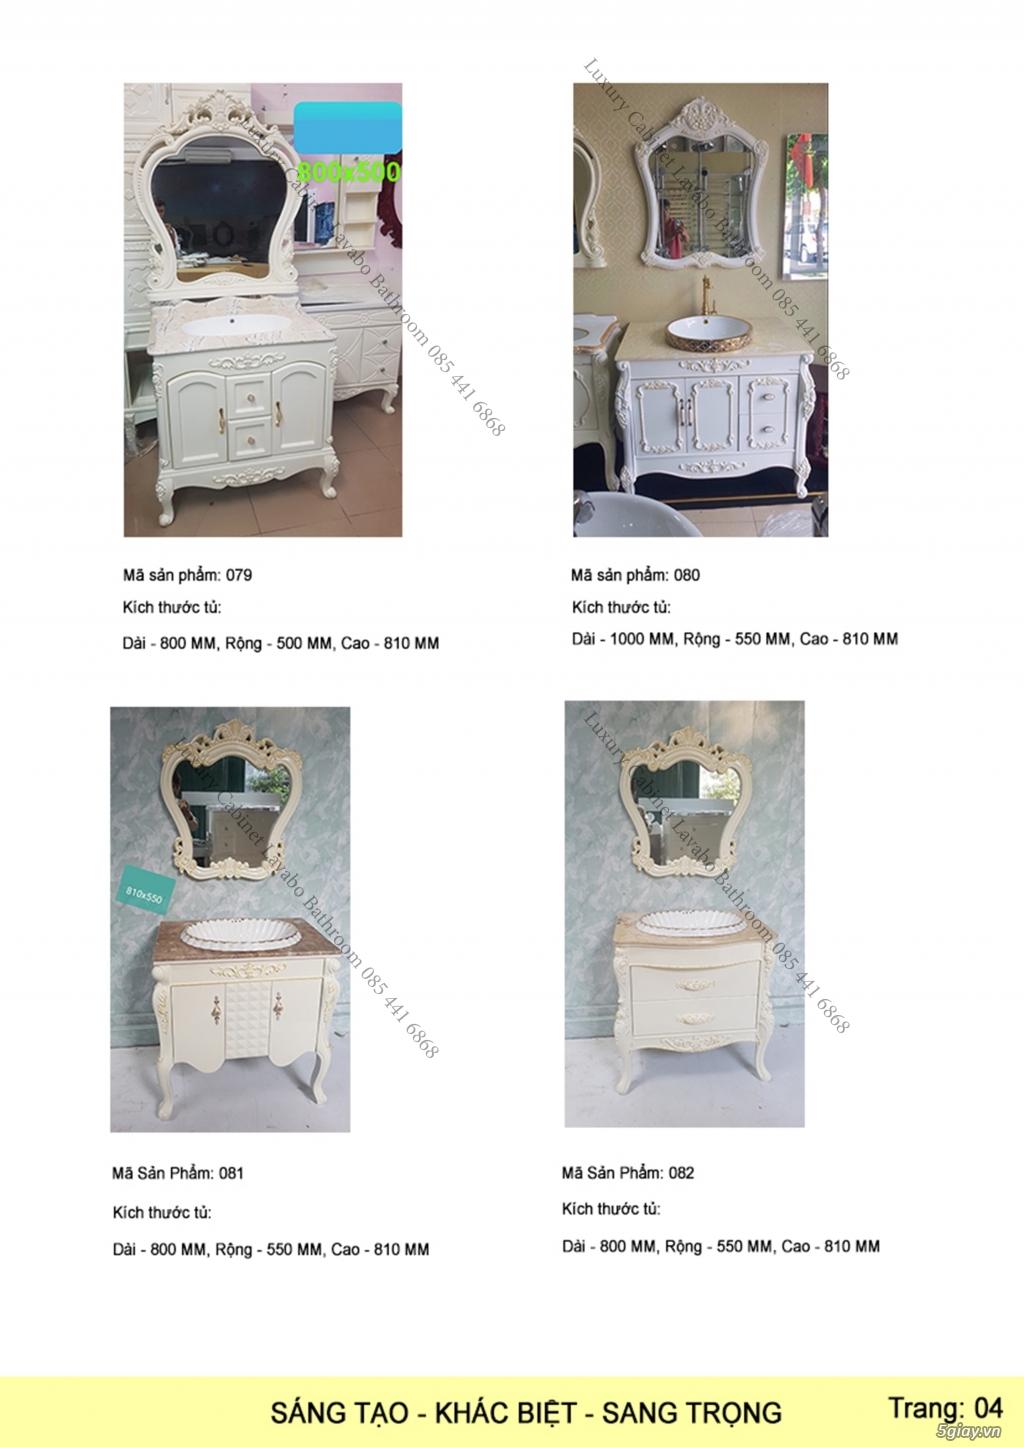 Bán tủ chậu lavabo tân cổ điển, hiện đại, tủ chậu mặt đá phòng tắm - 5